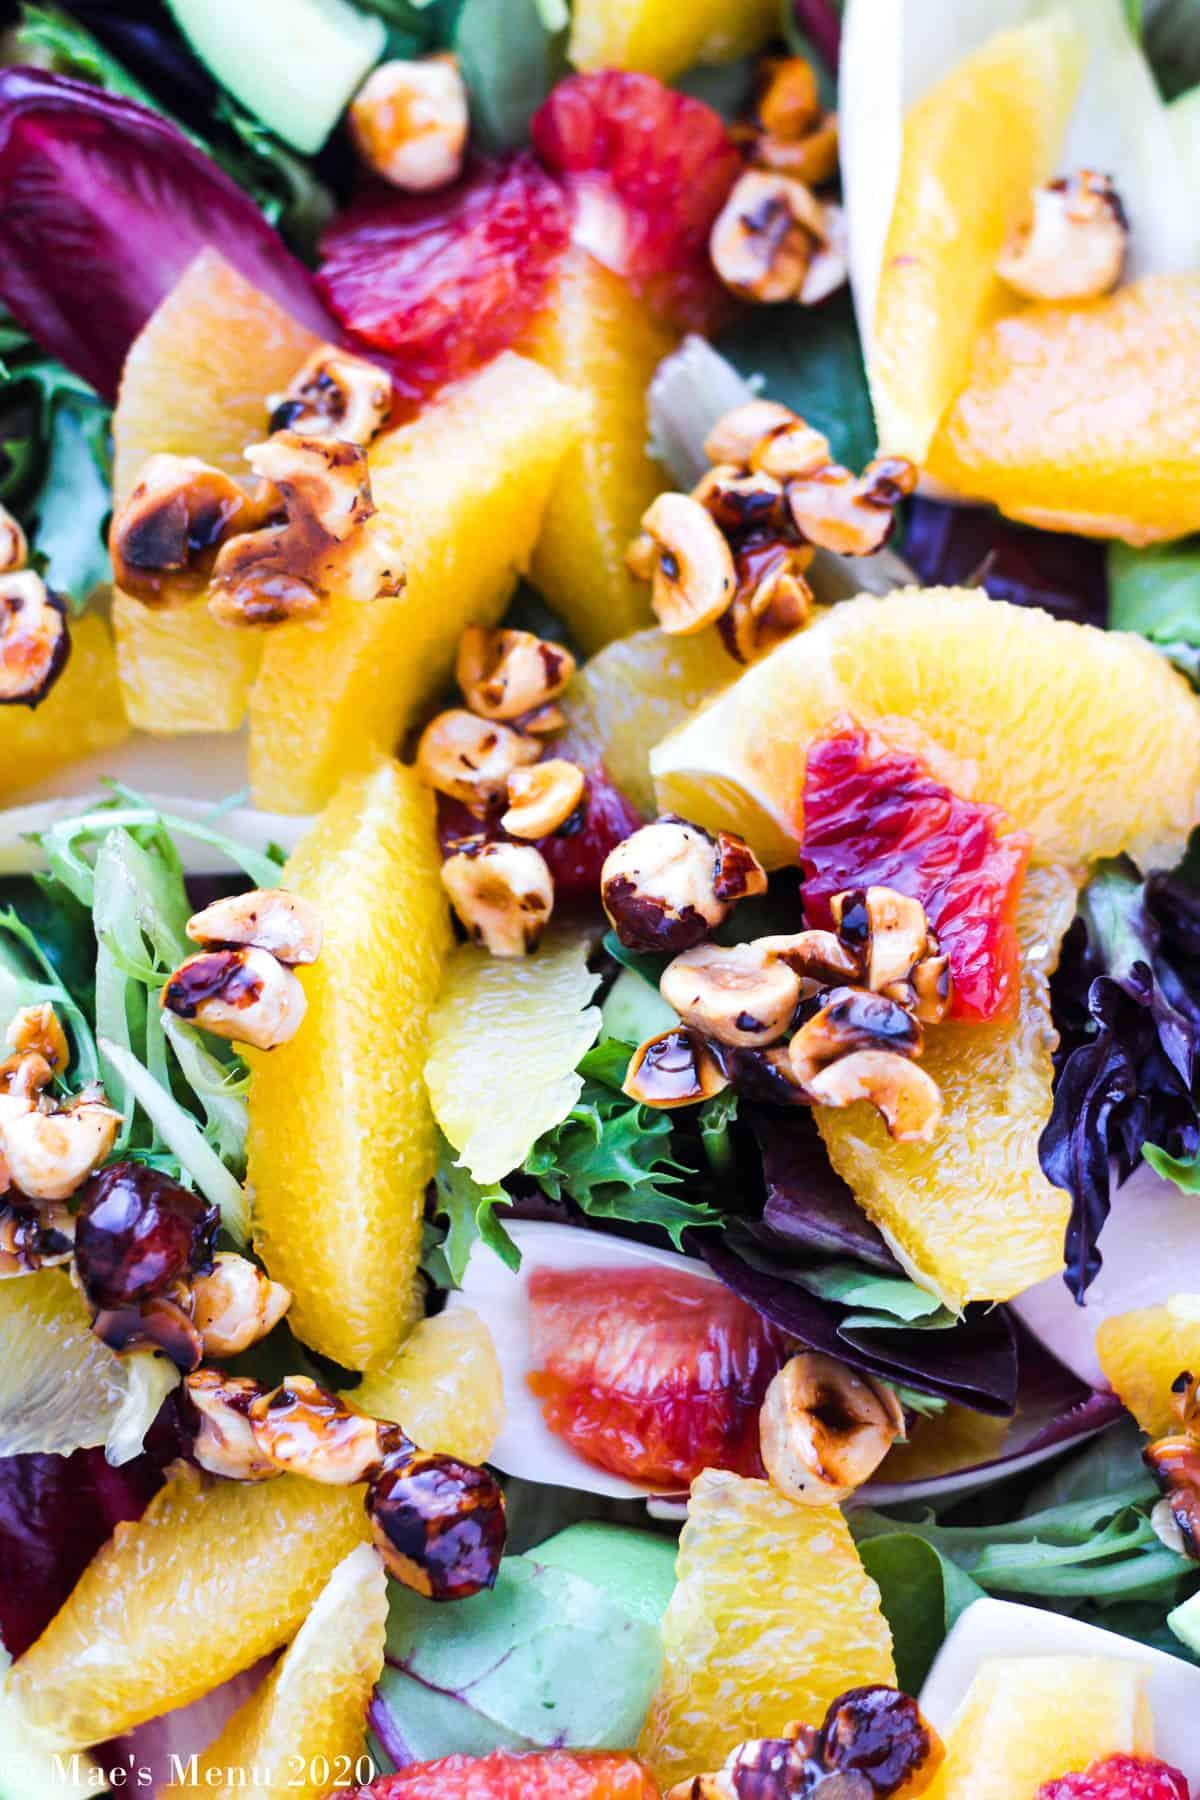 An up close shot of orange salad with honeyed hazelnuts